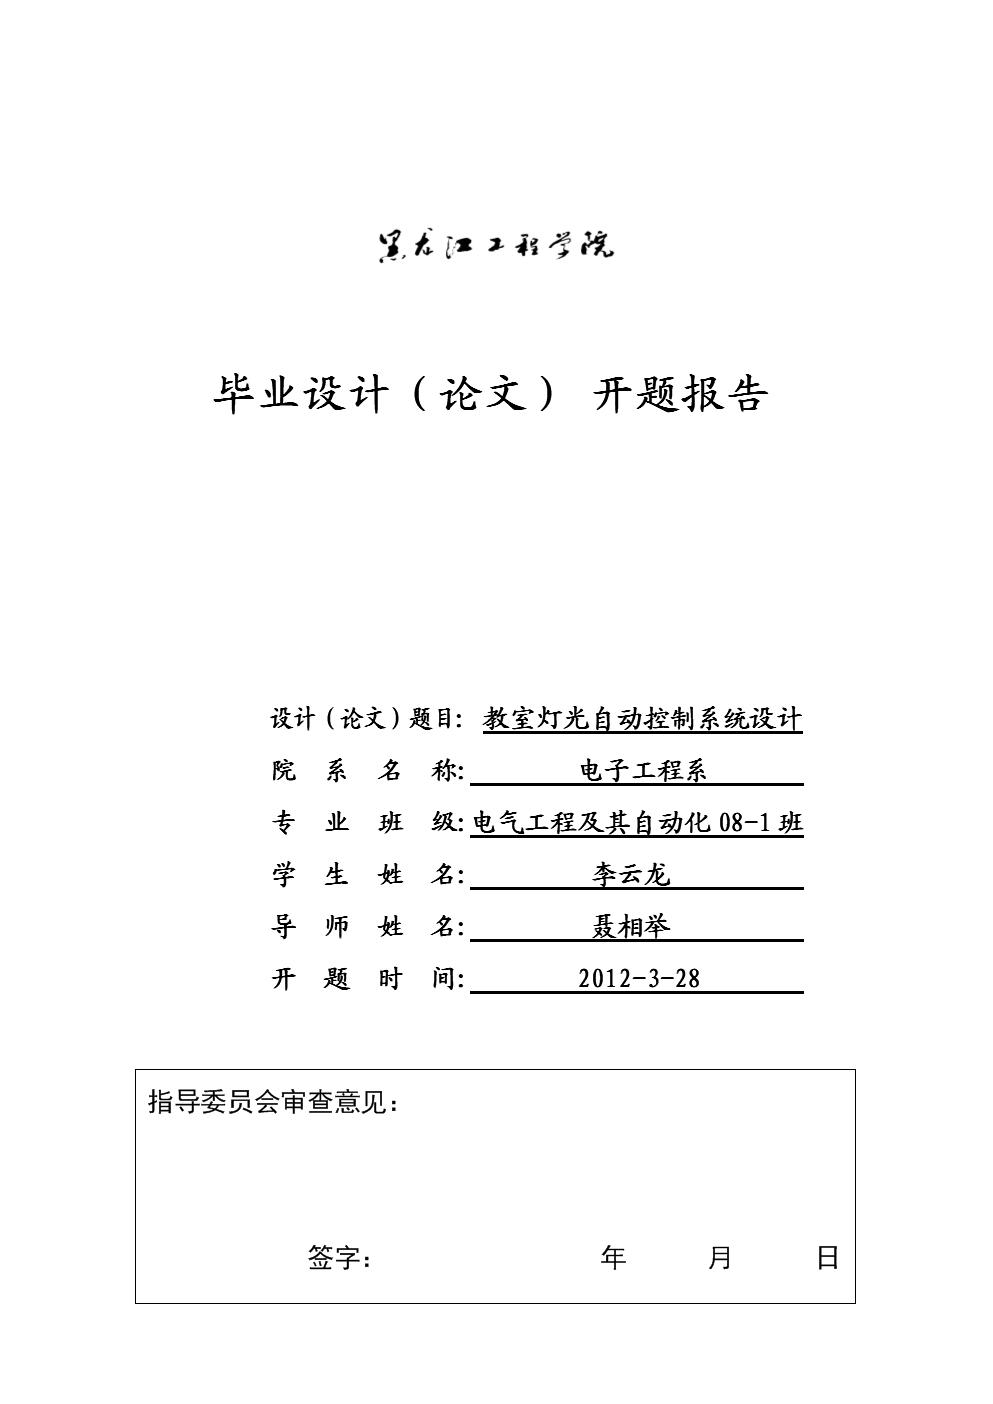 (编)系统简易自动控制图纸v系统毕业论文报告(6船灯光教室模型制作图片